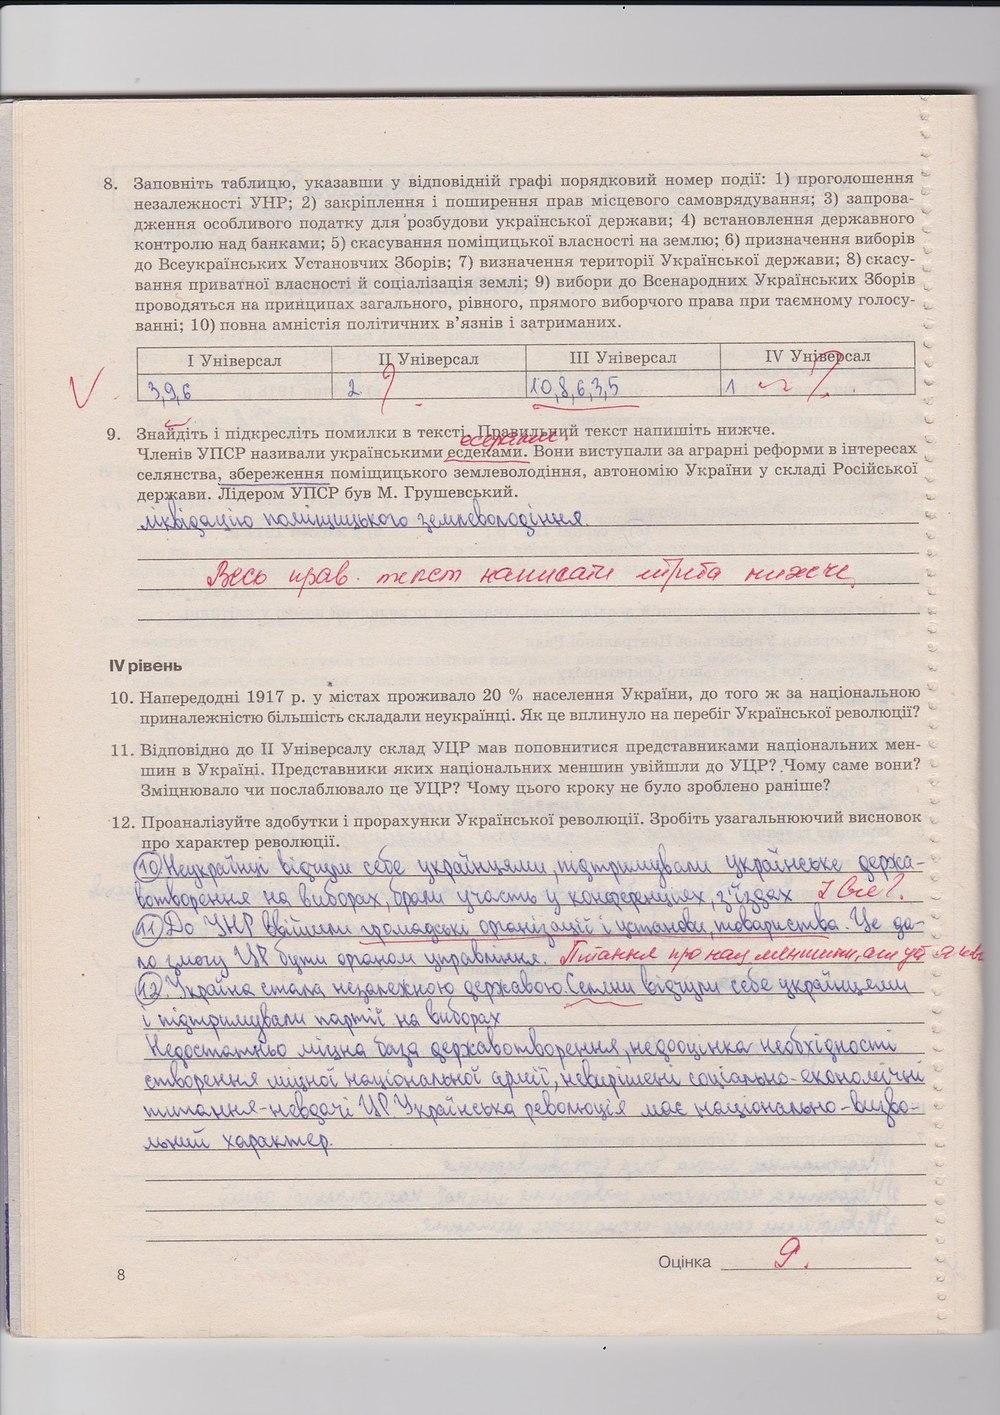 ГДЗ відповіді робочий зошит по истории 10 класс Н.М. Гісем, О.О. Мартинюк. Задание: стр. 8